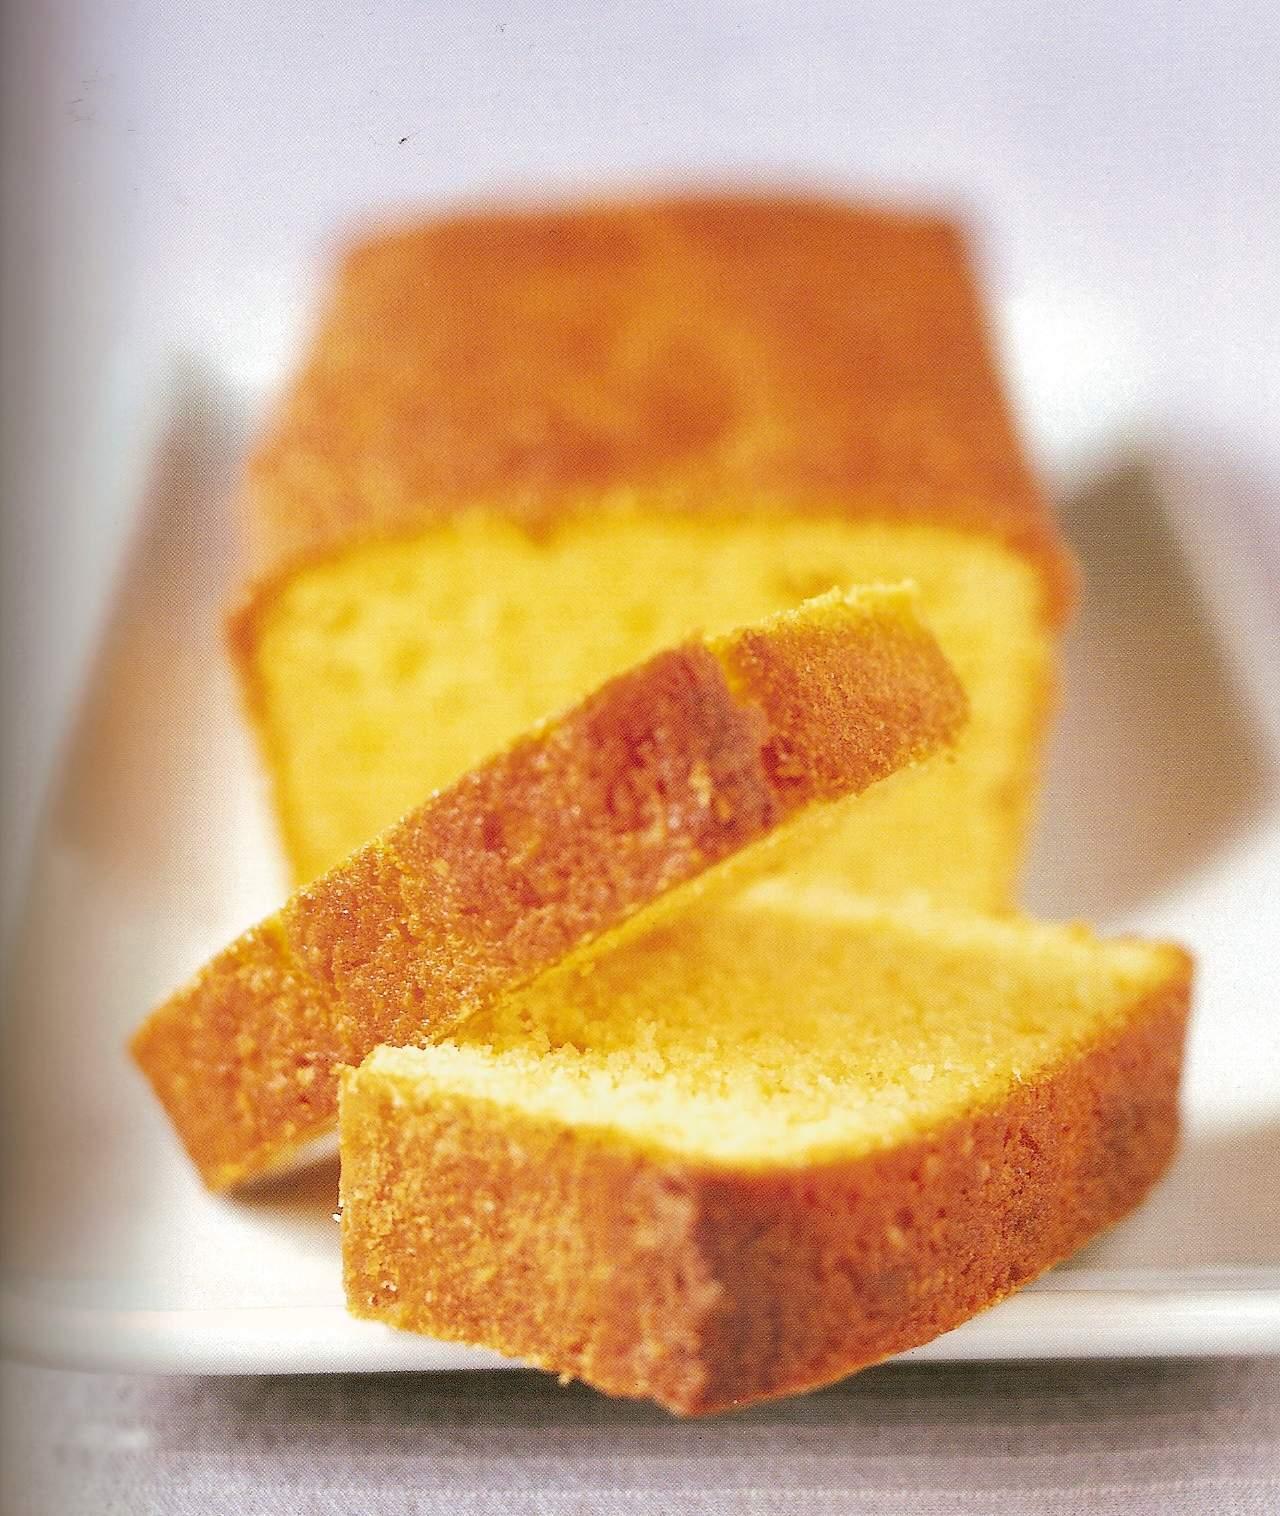 Recette gâteau au yaourt : c'est celle que je prépare avec mes enfants